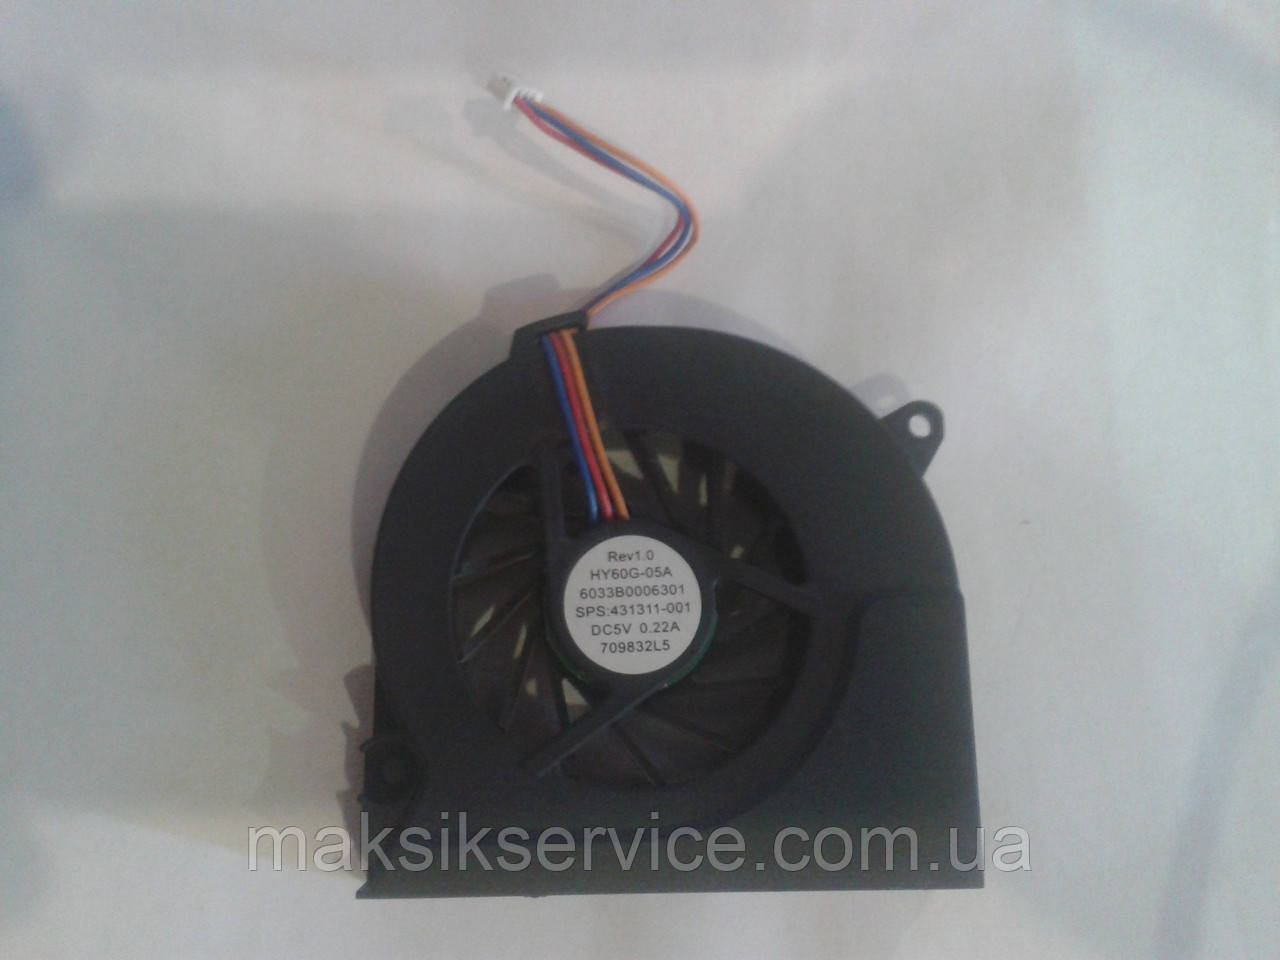 Вентилятор HY60G-05A 6033B0006301